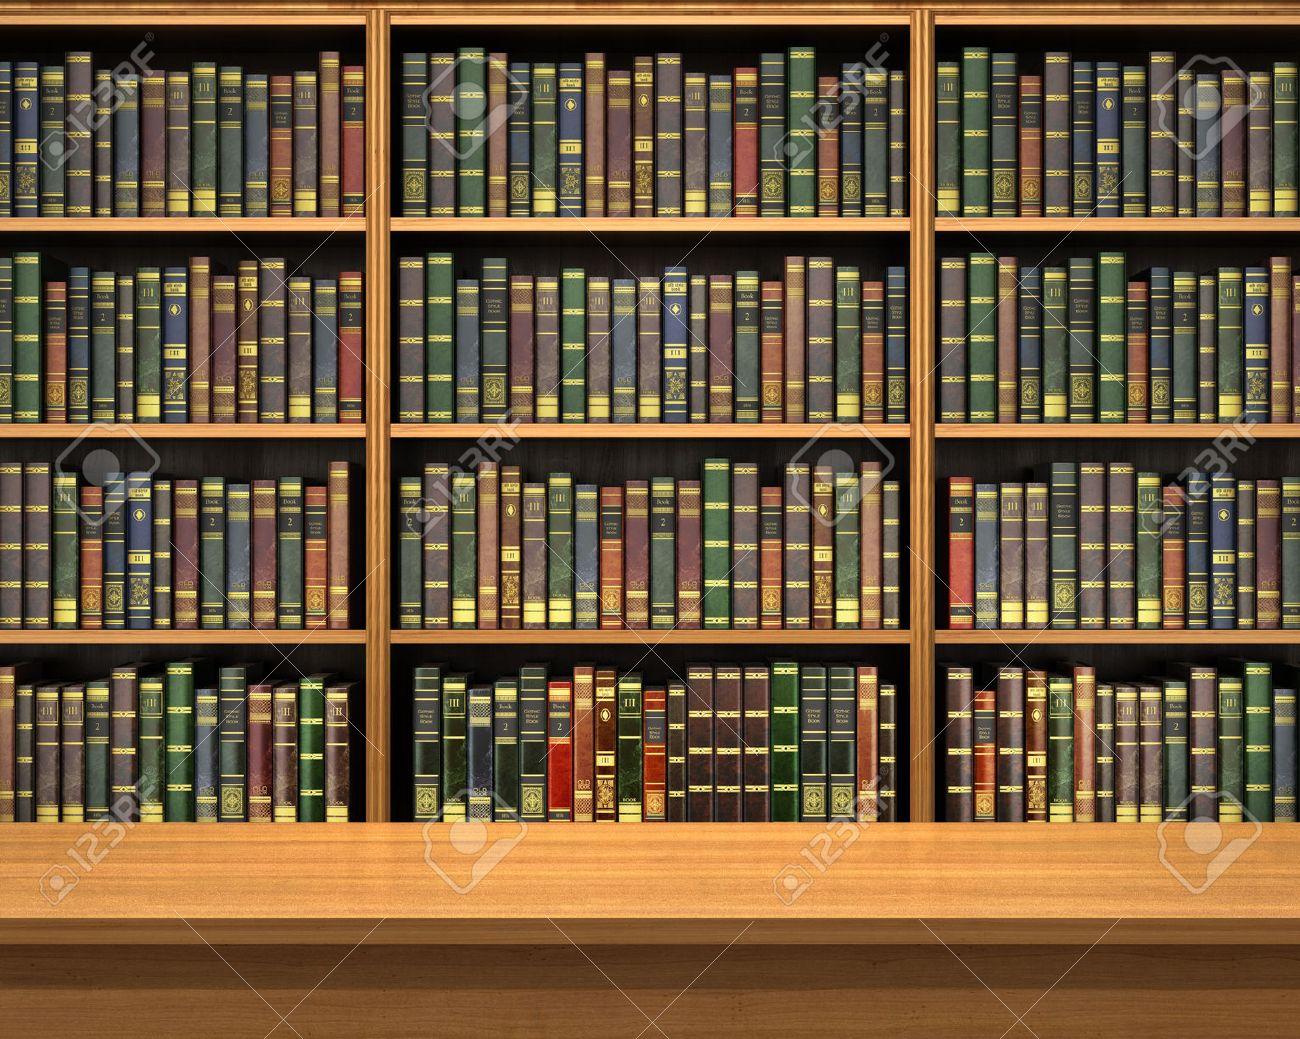 table sur fond d etagere pleine de livres old bibliotheque